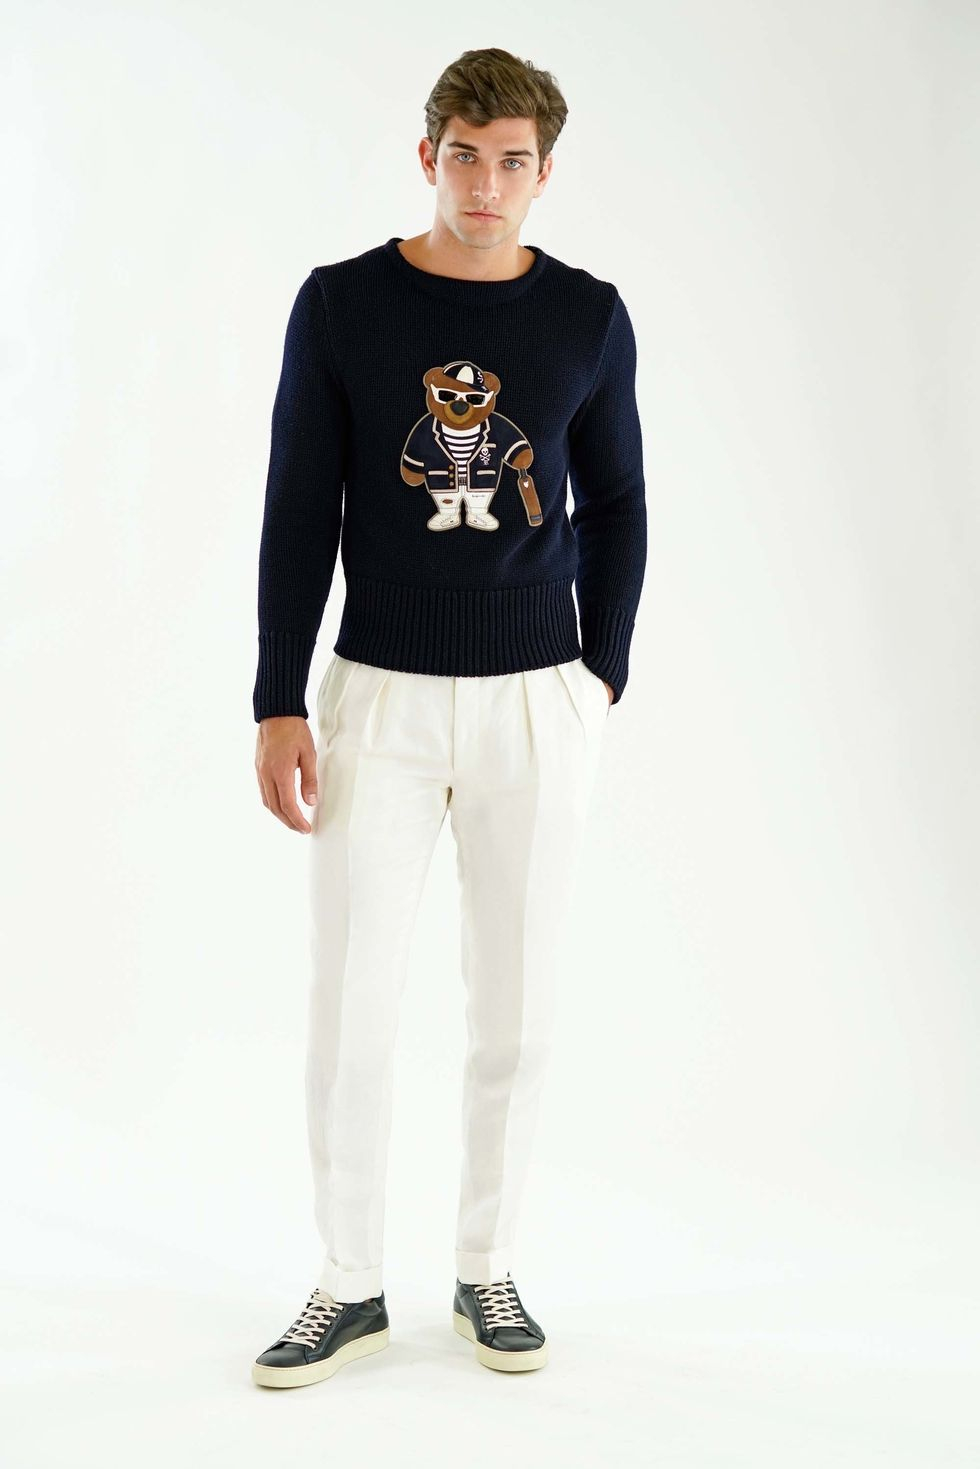 Vita linnebyxor med dubbla frontveck och Ralph Laurens ikoniska teddytröja. a94ccf68f5529